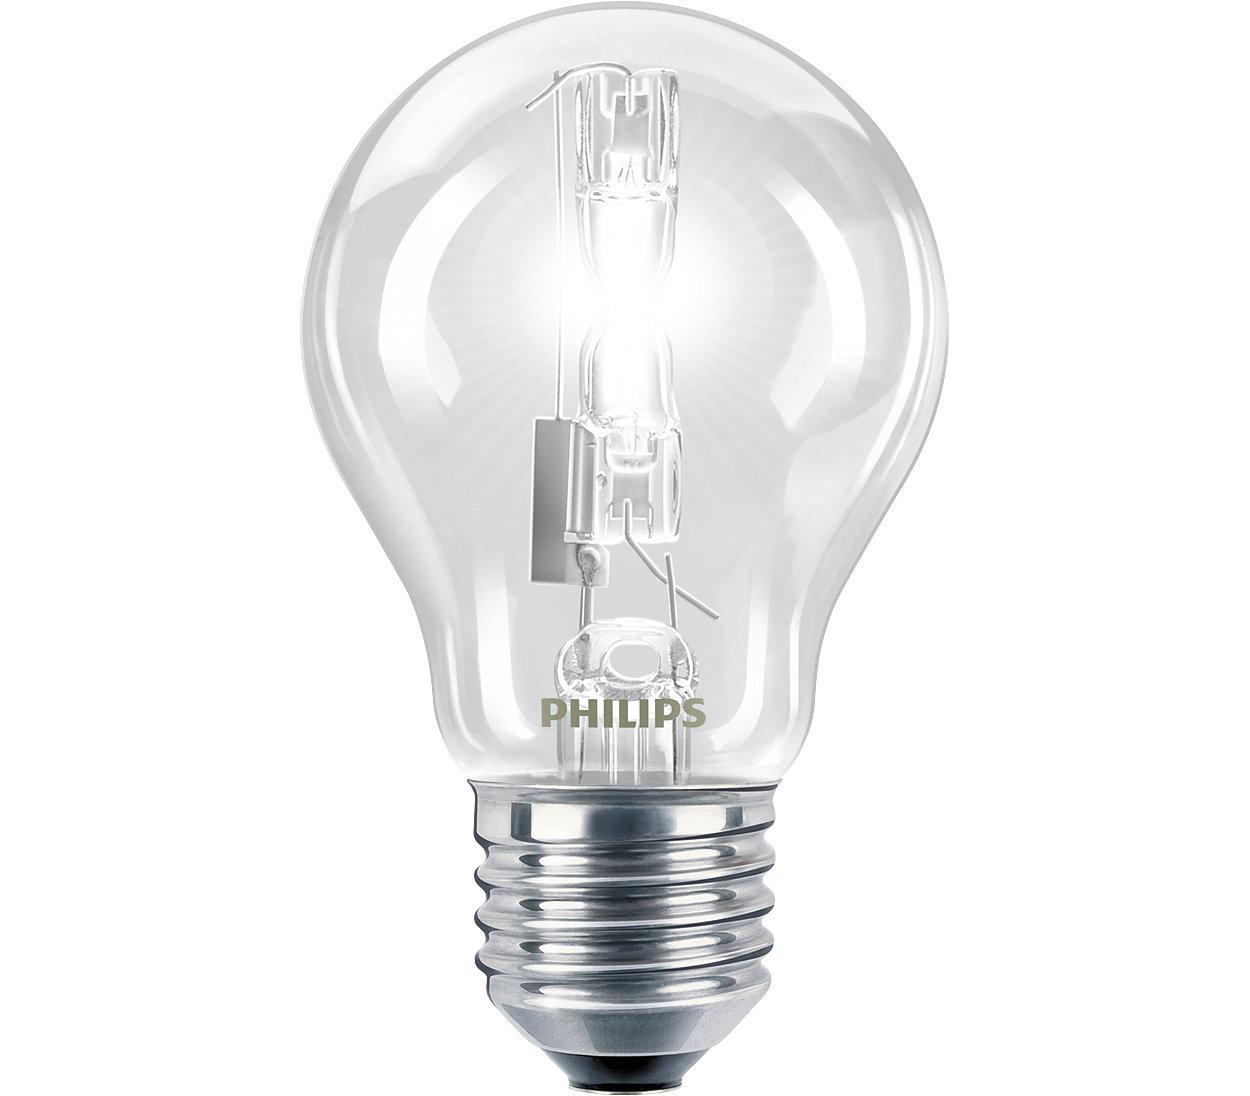 La nouvelle ampoule classique